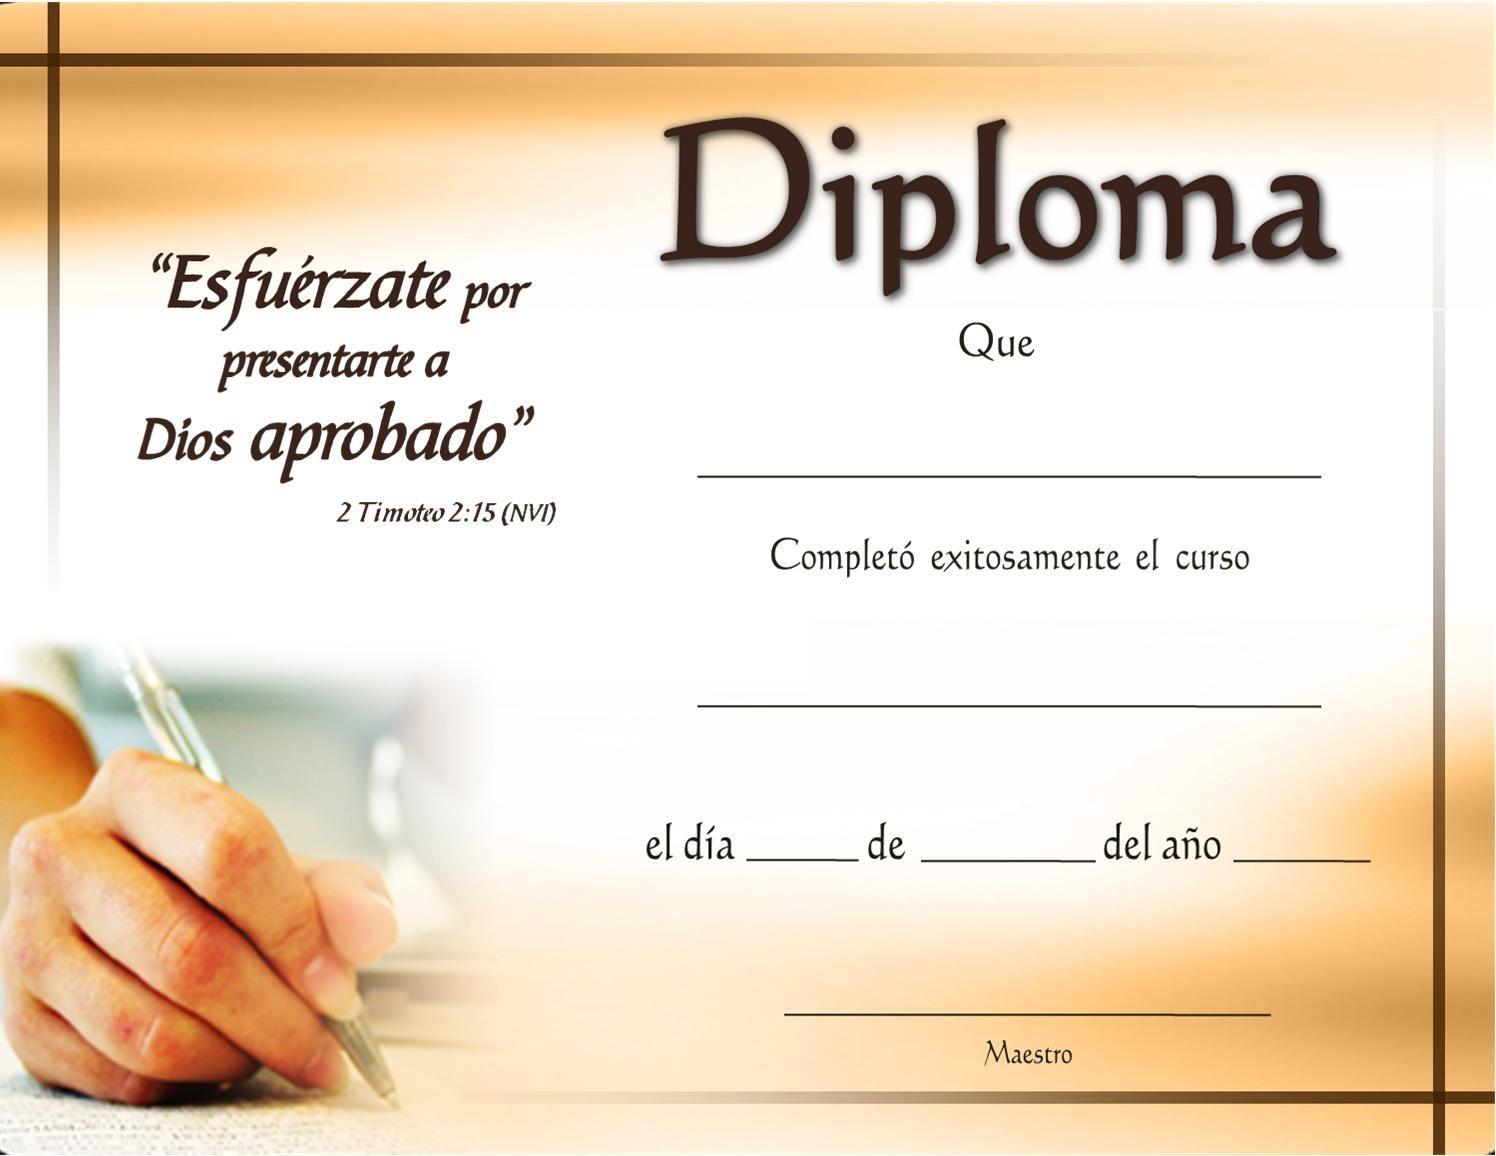 Diplomas Cristianos Para Ninos Imagui Diplomas De Reconocimiento Diplomas De Agradecimiento Plantillas De Diplomas Diplomas para imprimir y editar